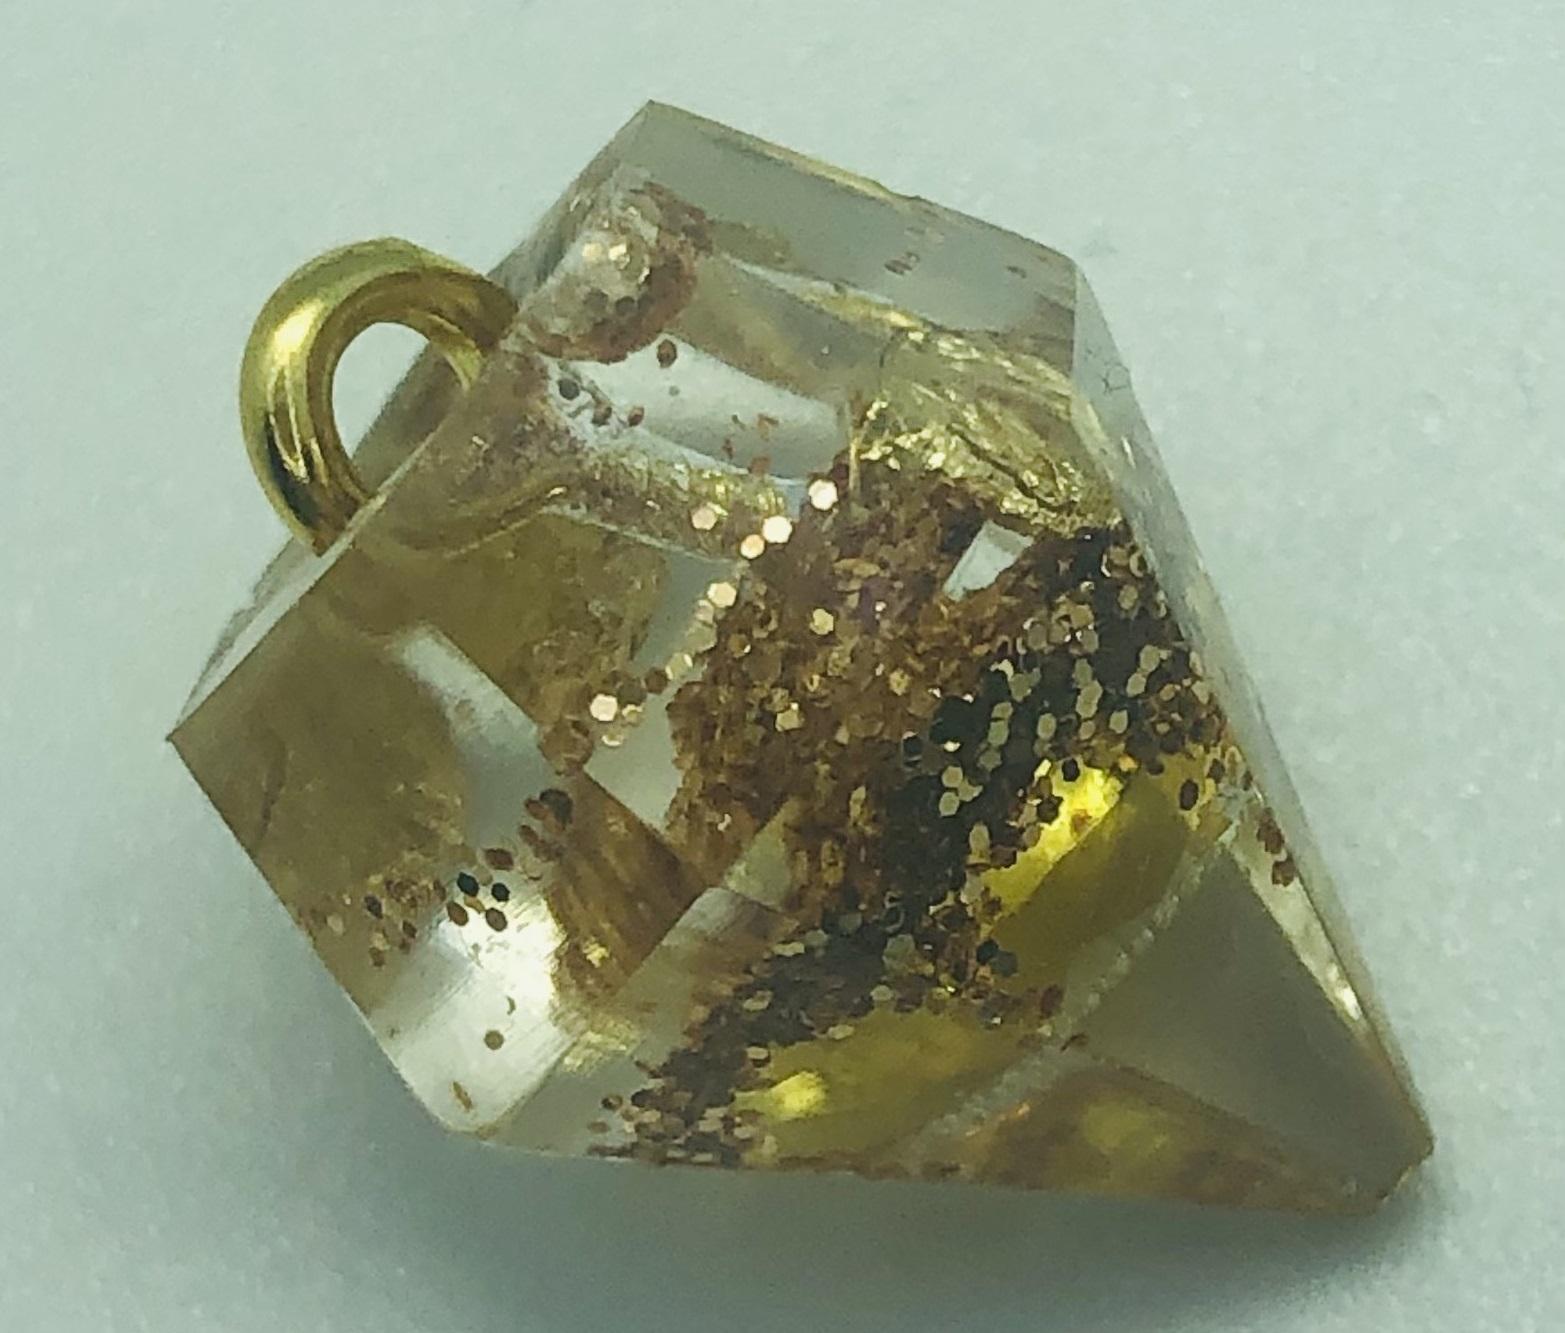 Diamant pendentif - Taille base hexagonale inscrite dans Dia.15 mm, Ht.18 mm